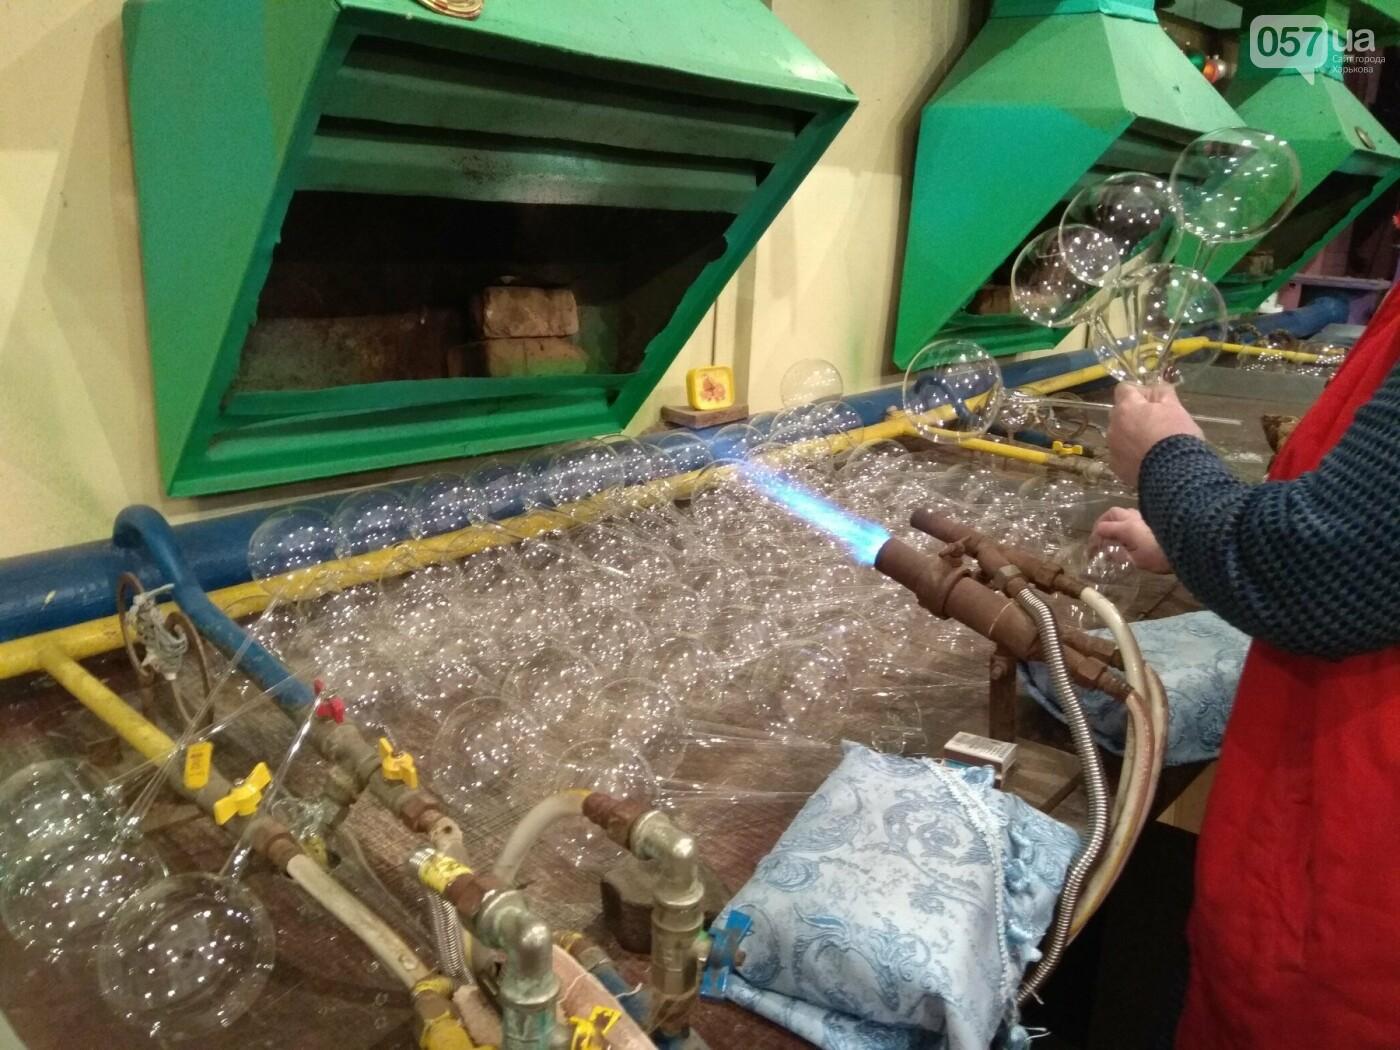 Фабрика елочных игрушек под Киевом. Куда харьковчане могут поехать на выходных, - ФОТО, фото-5